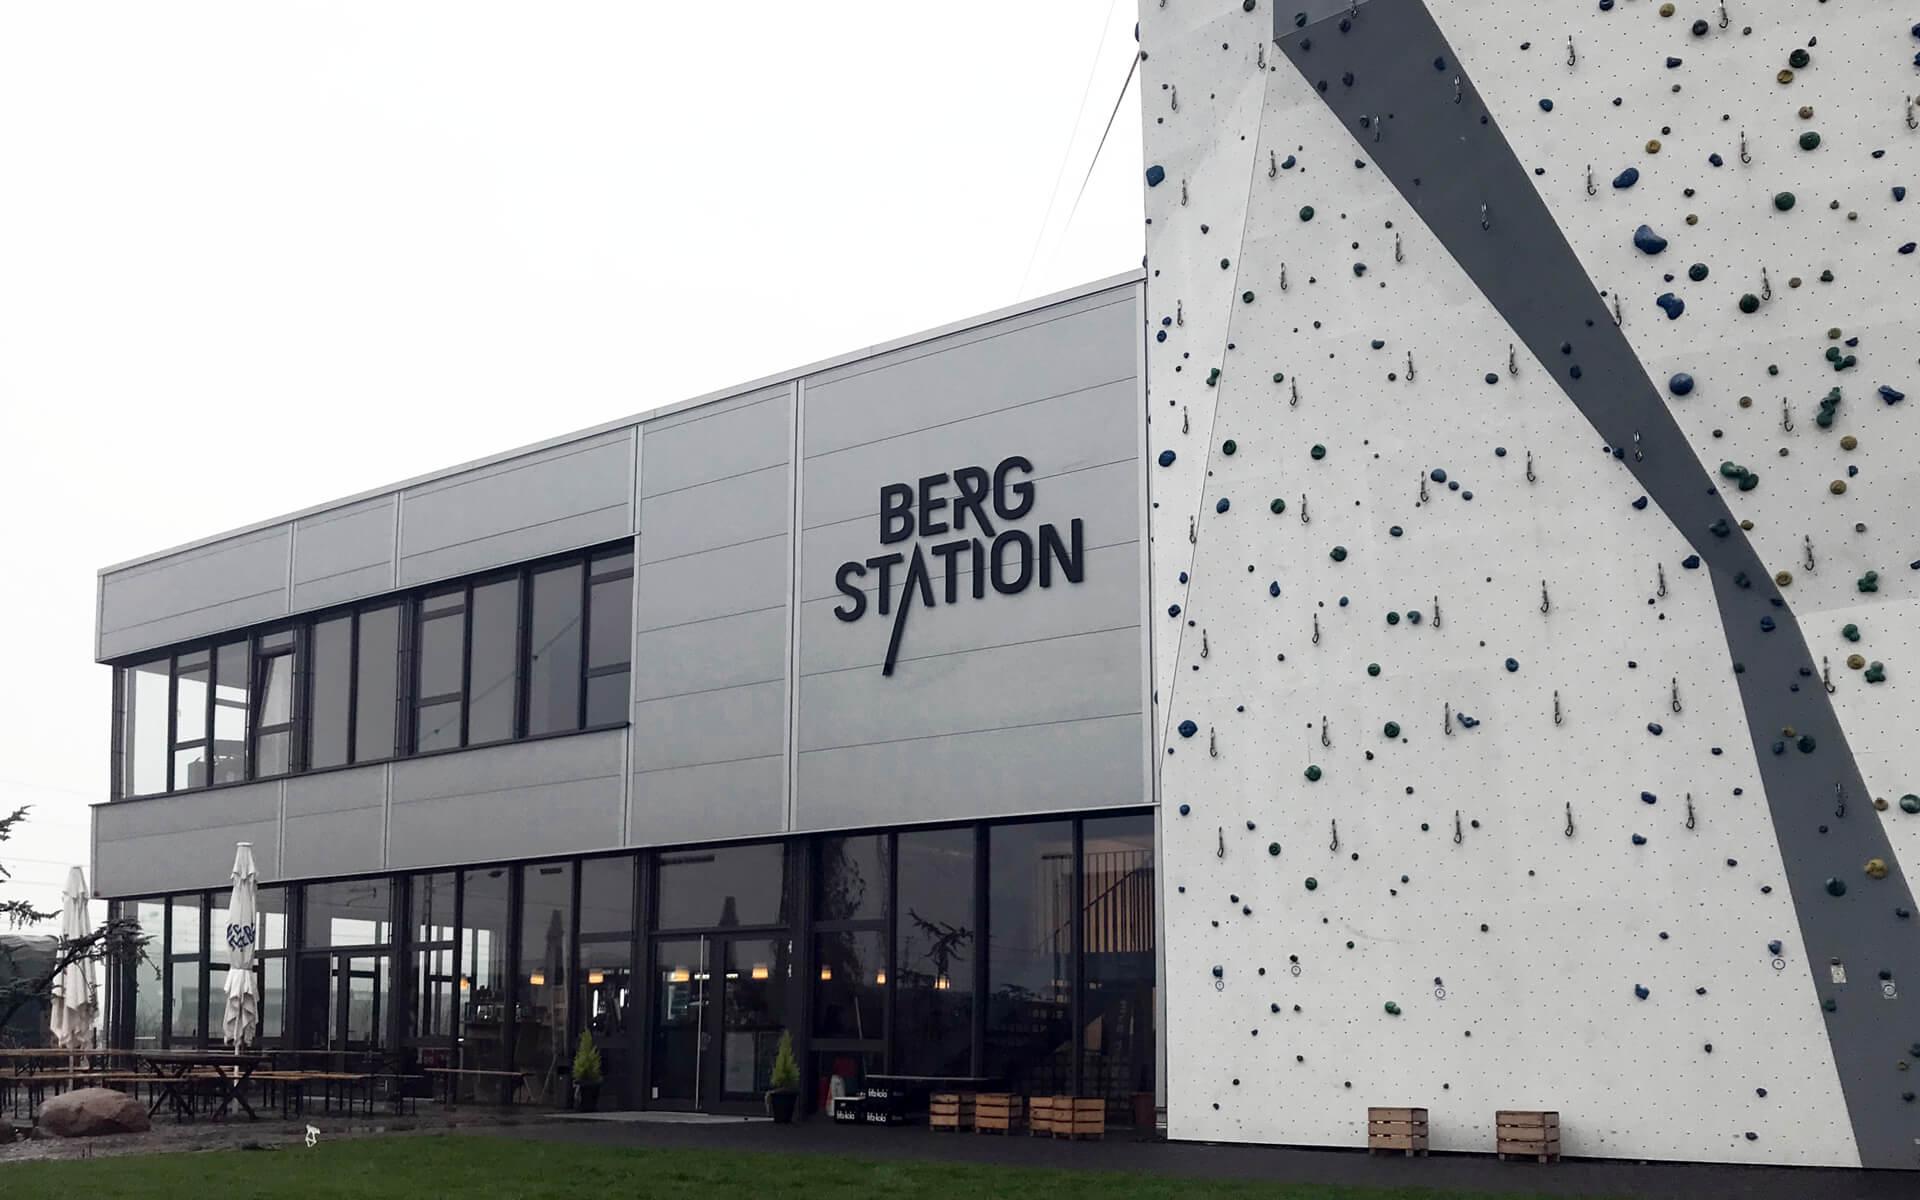 stay golden, Bergstation Corporate Design, Aussenkennzeichnung bei Tag